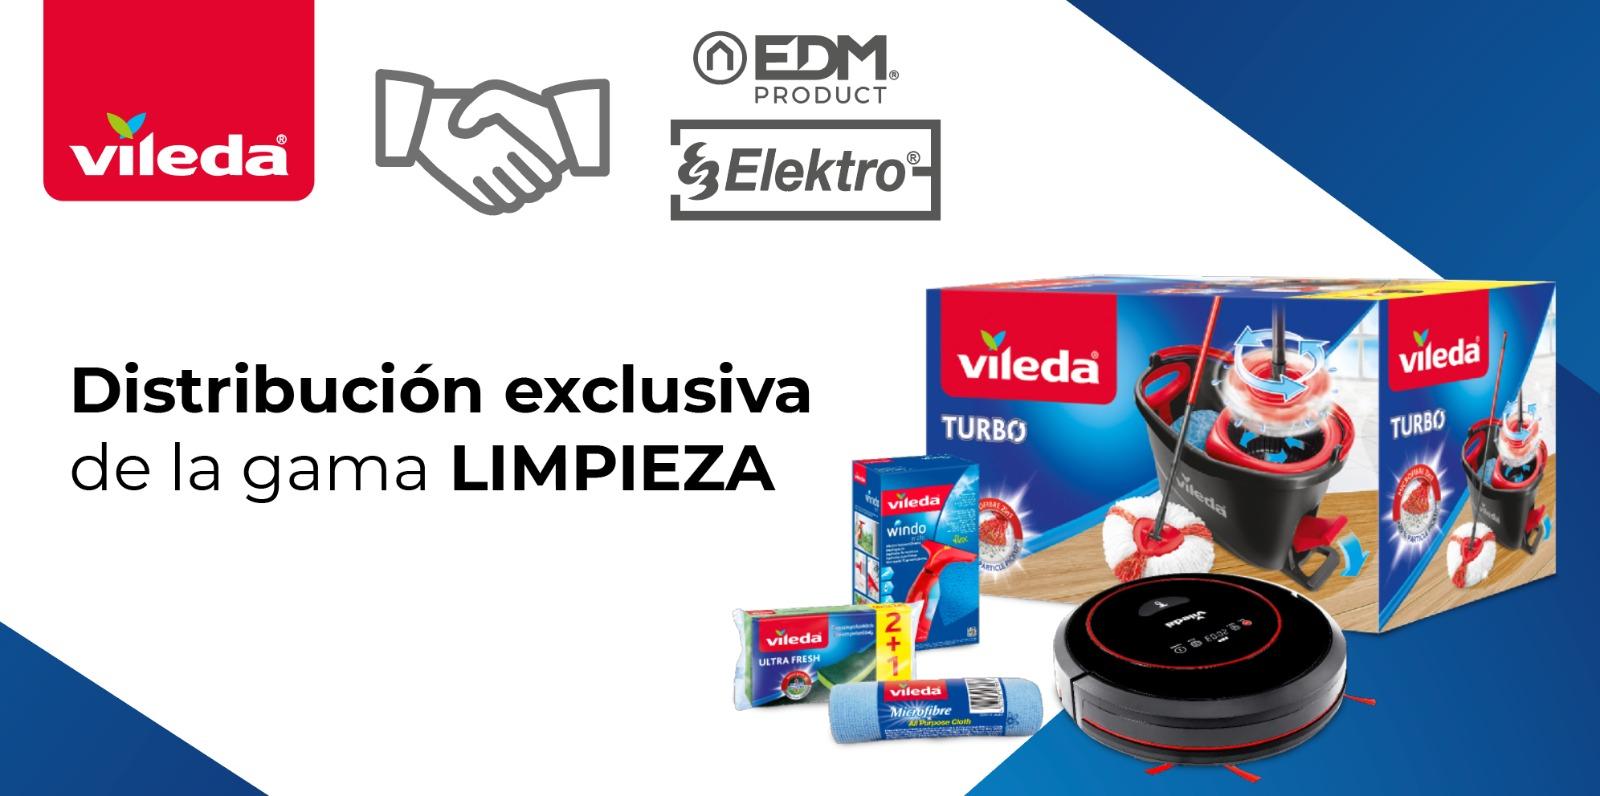 Elektro3-EDM unique distributeur exclusif de Vileda pour les secteurs de la quincaillerie et du bricolage.